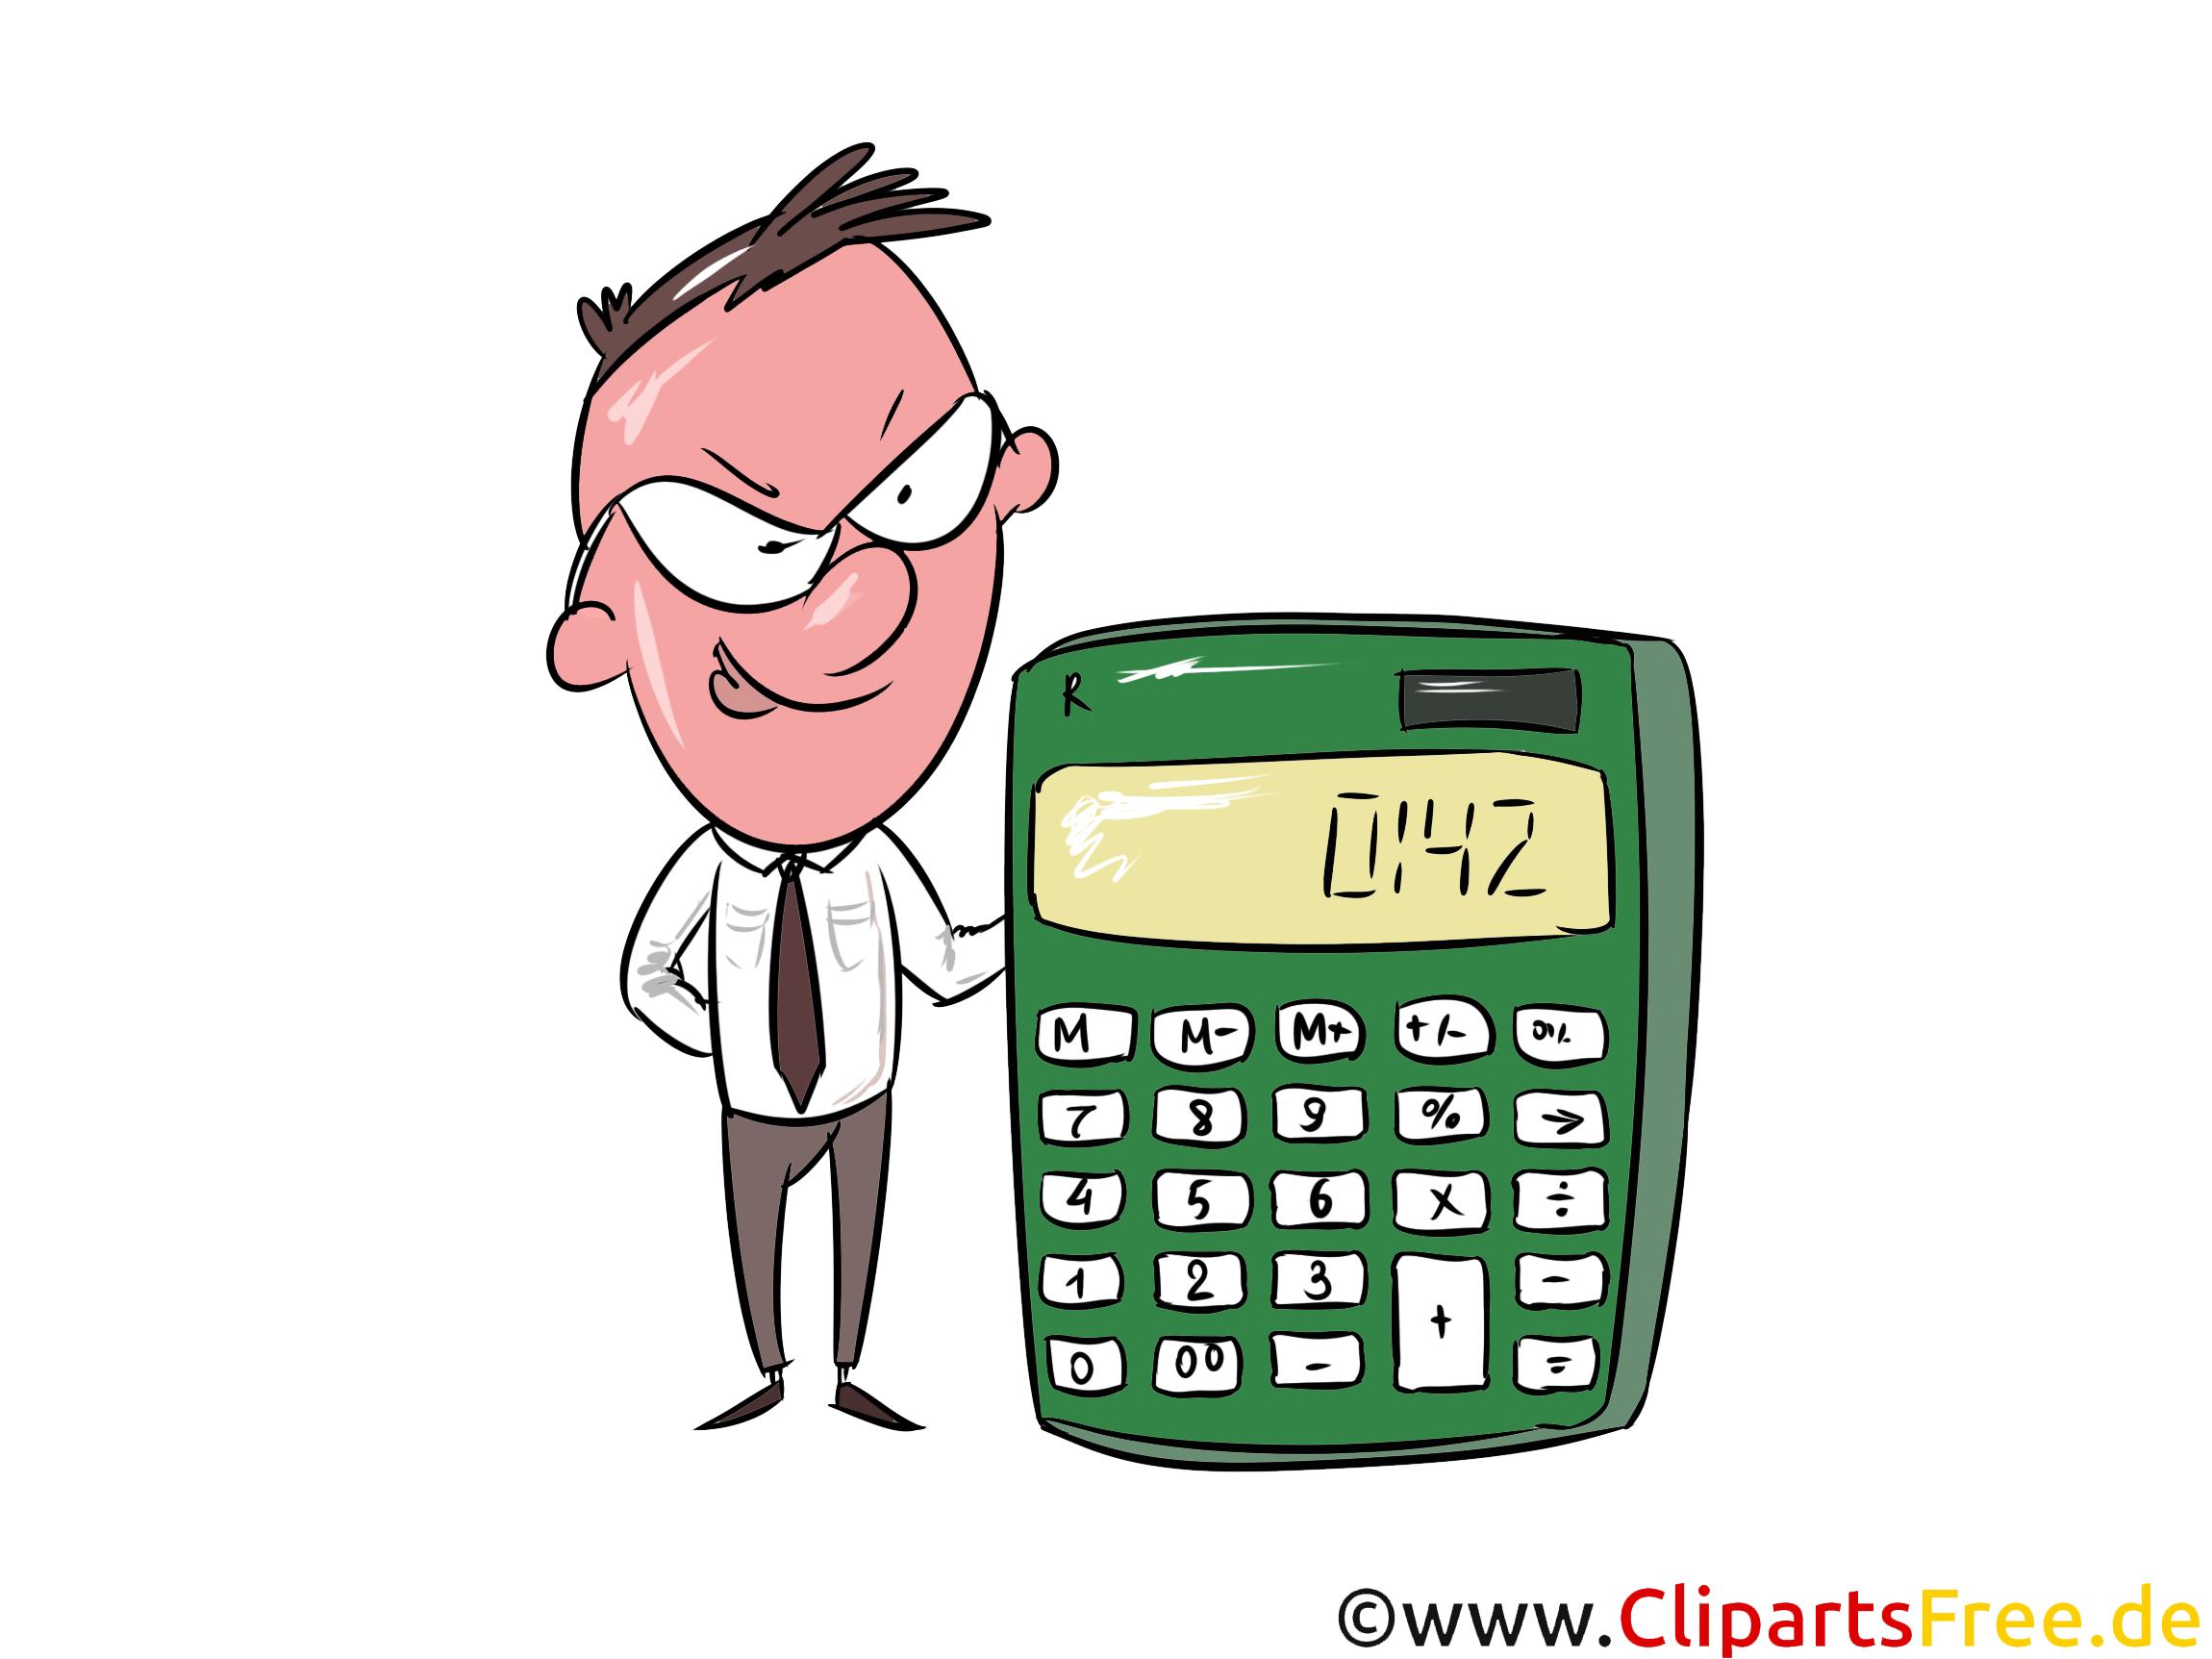 Buchhalter mit Rechner Clipart, Bild, Illustration, Grafik